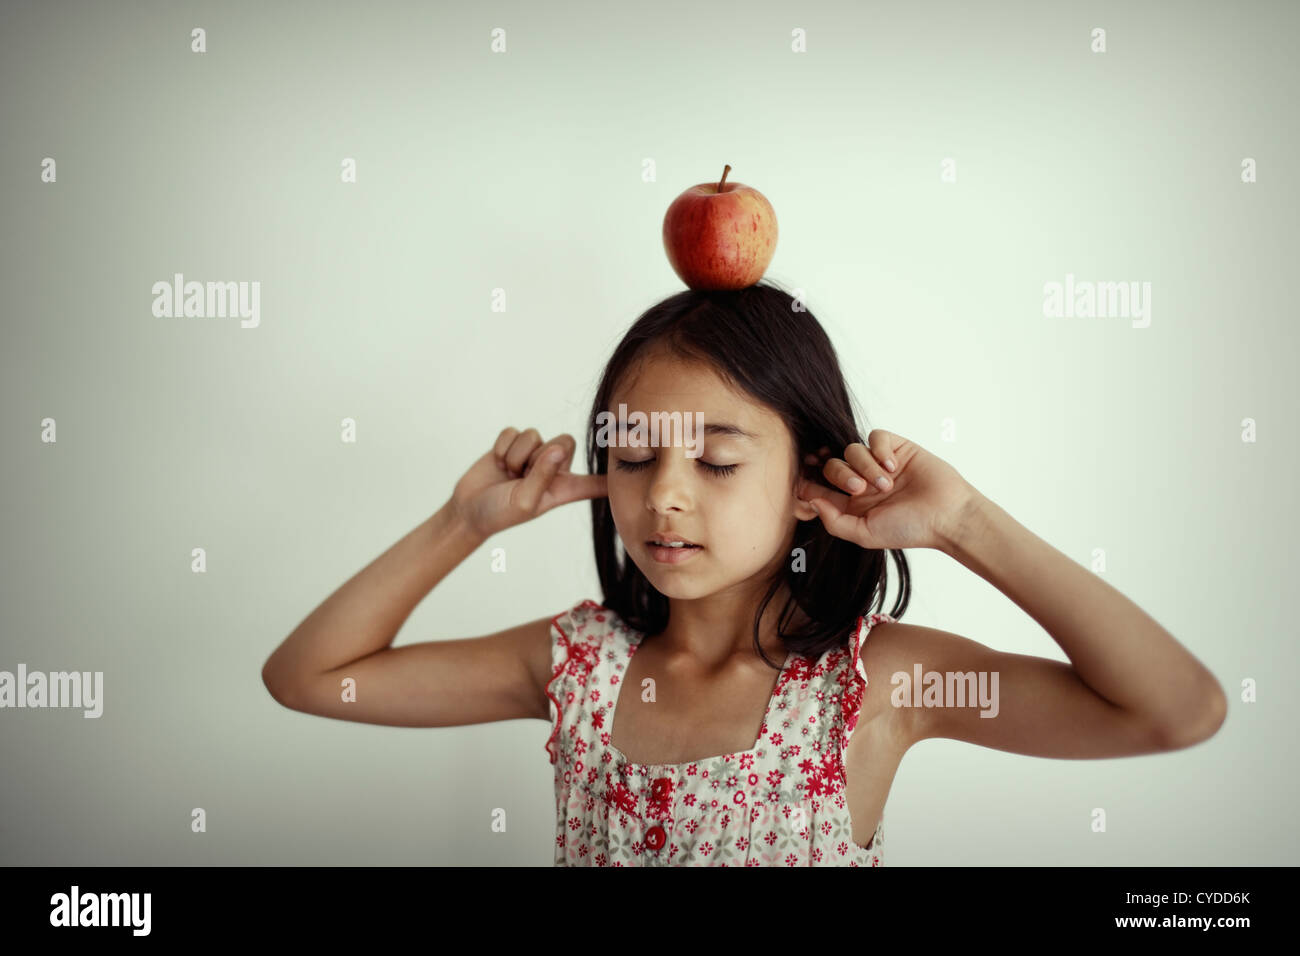 Soldes fille apple sur la tête avec les yeux fermés et les doigts dans les oreilles. Photo Stock